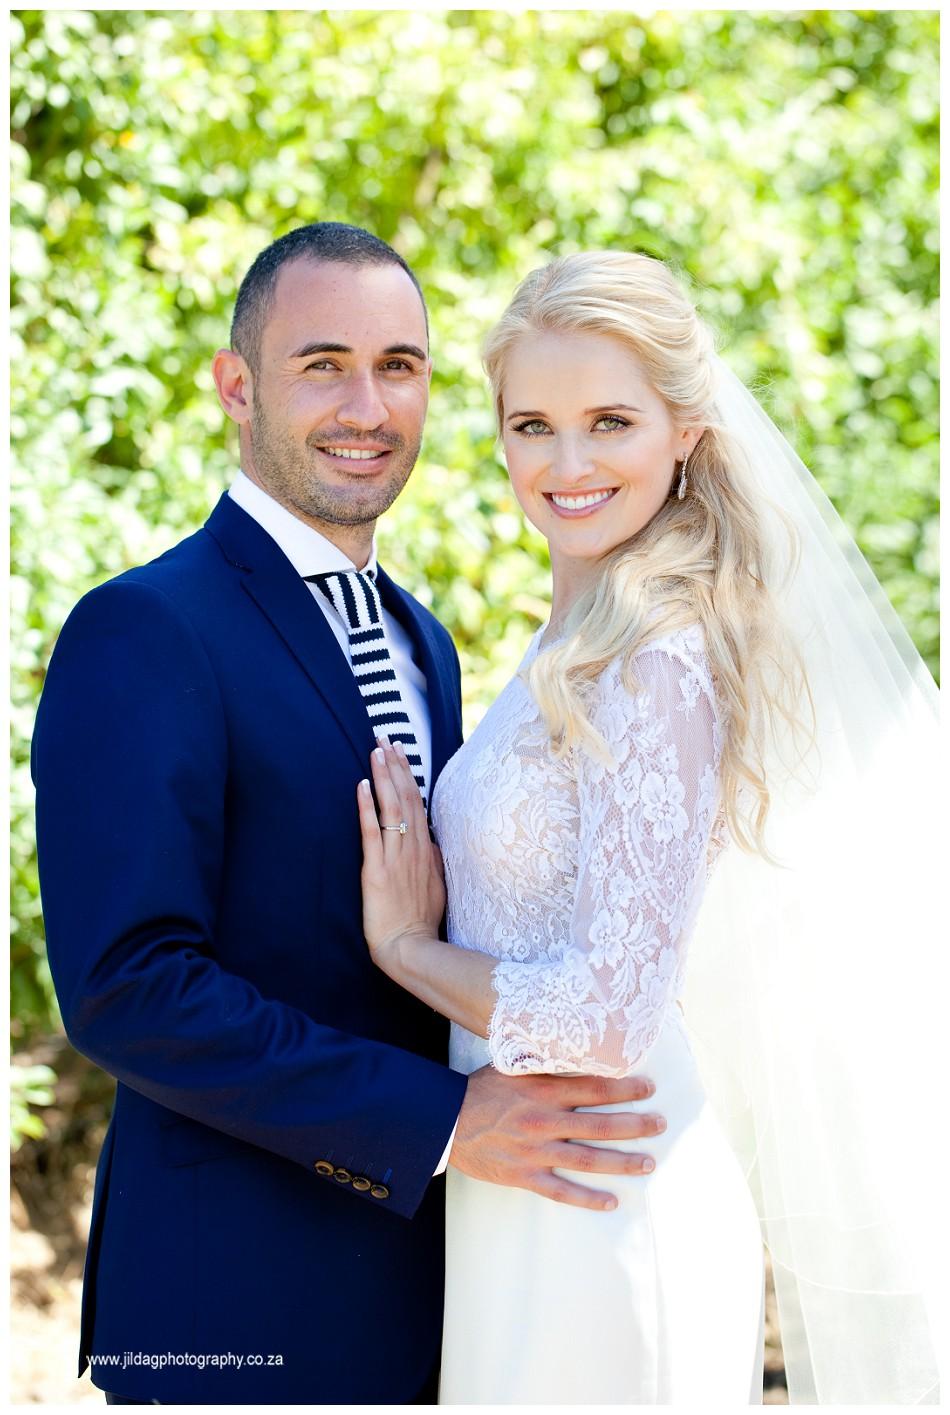 Jilda-g-photography-Cape-Town-wedding-photographer-Brnaissance_179